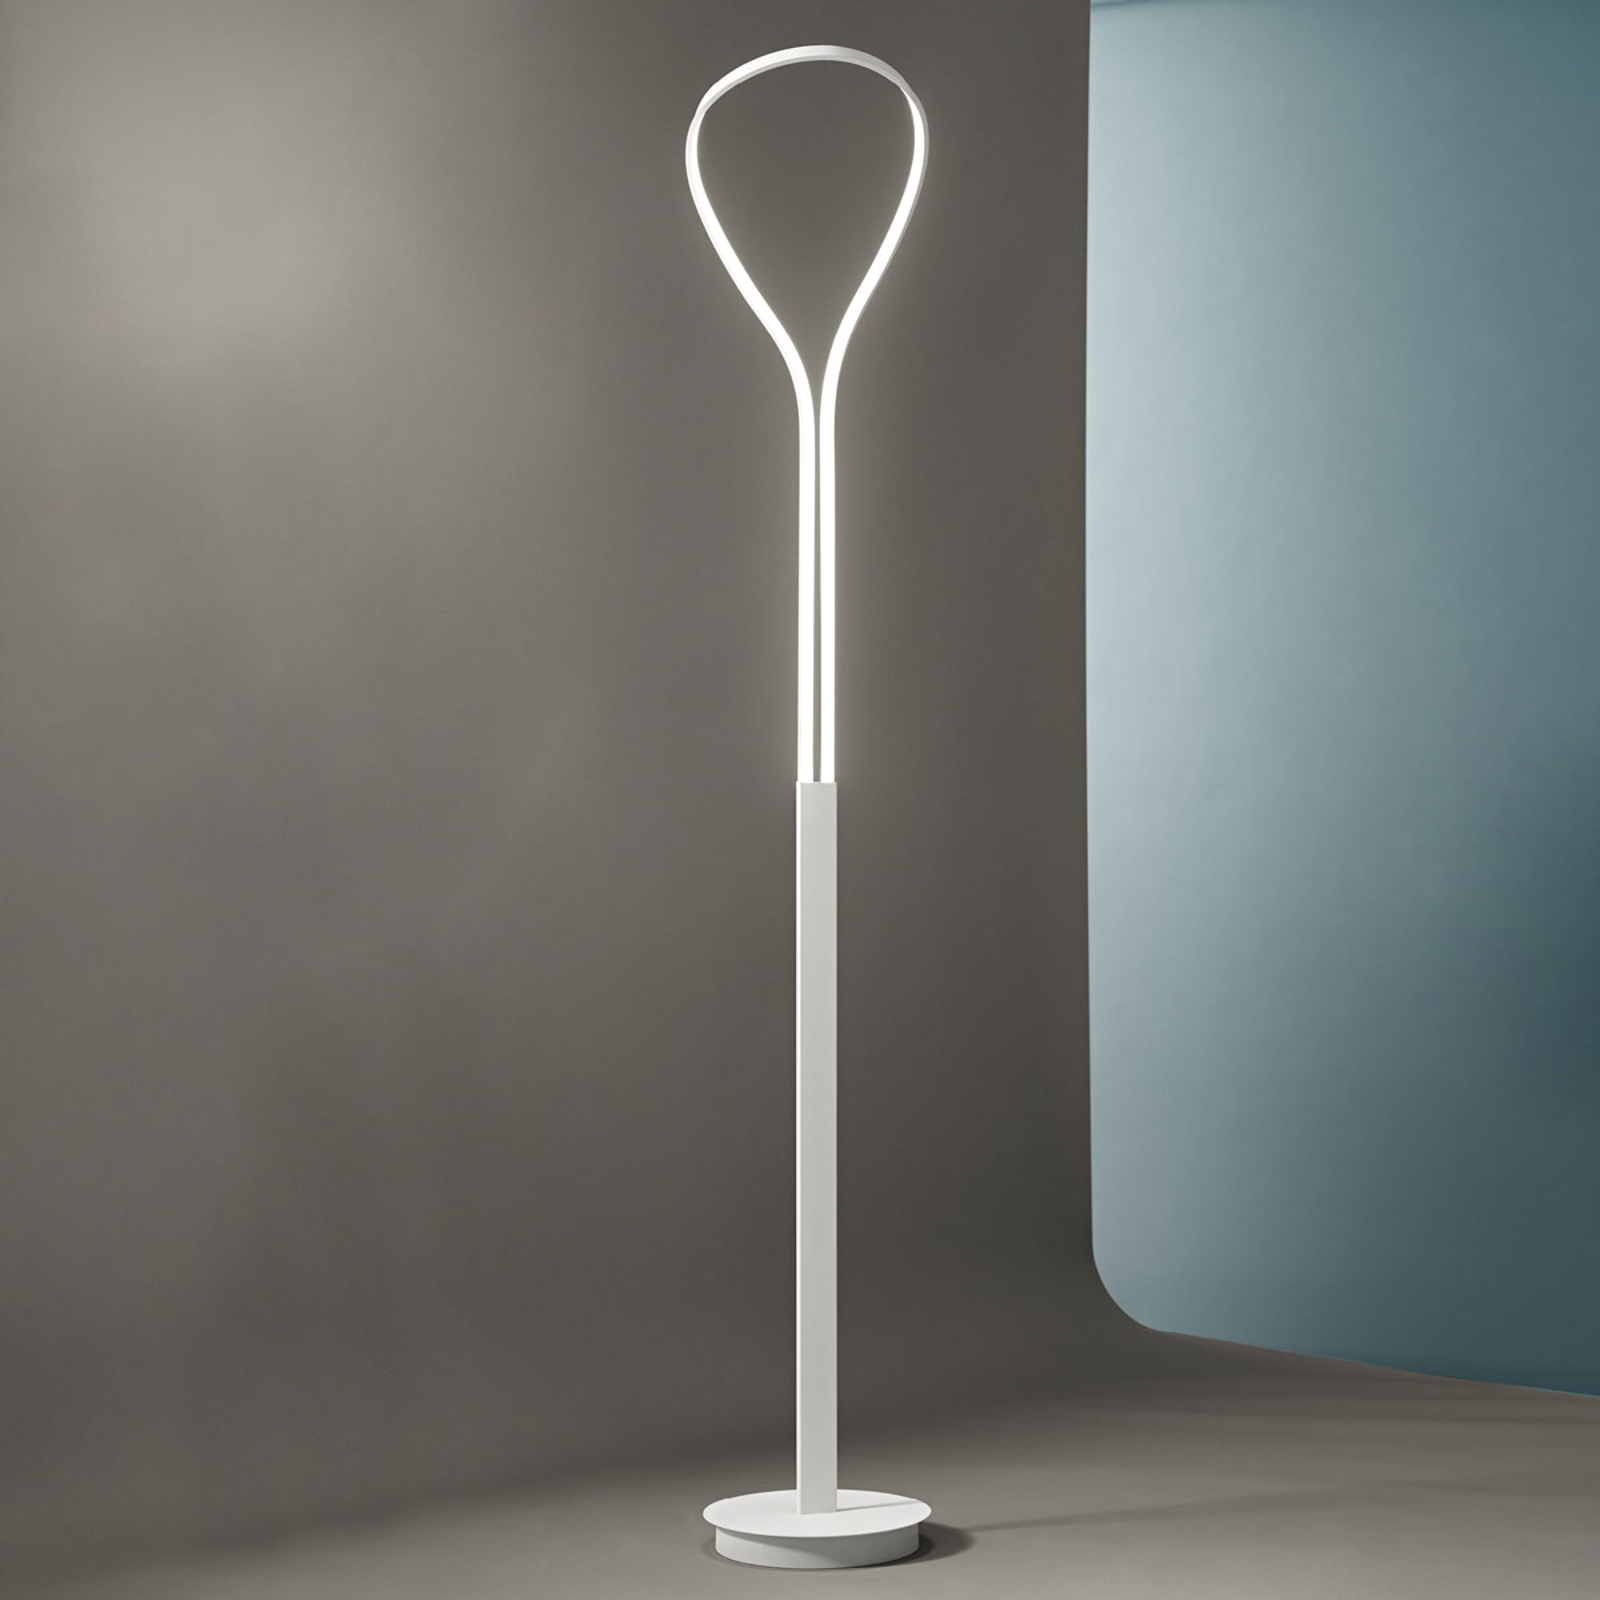 Lampa stojąca LED Blossom z aluminium